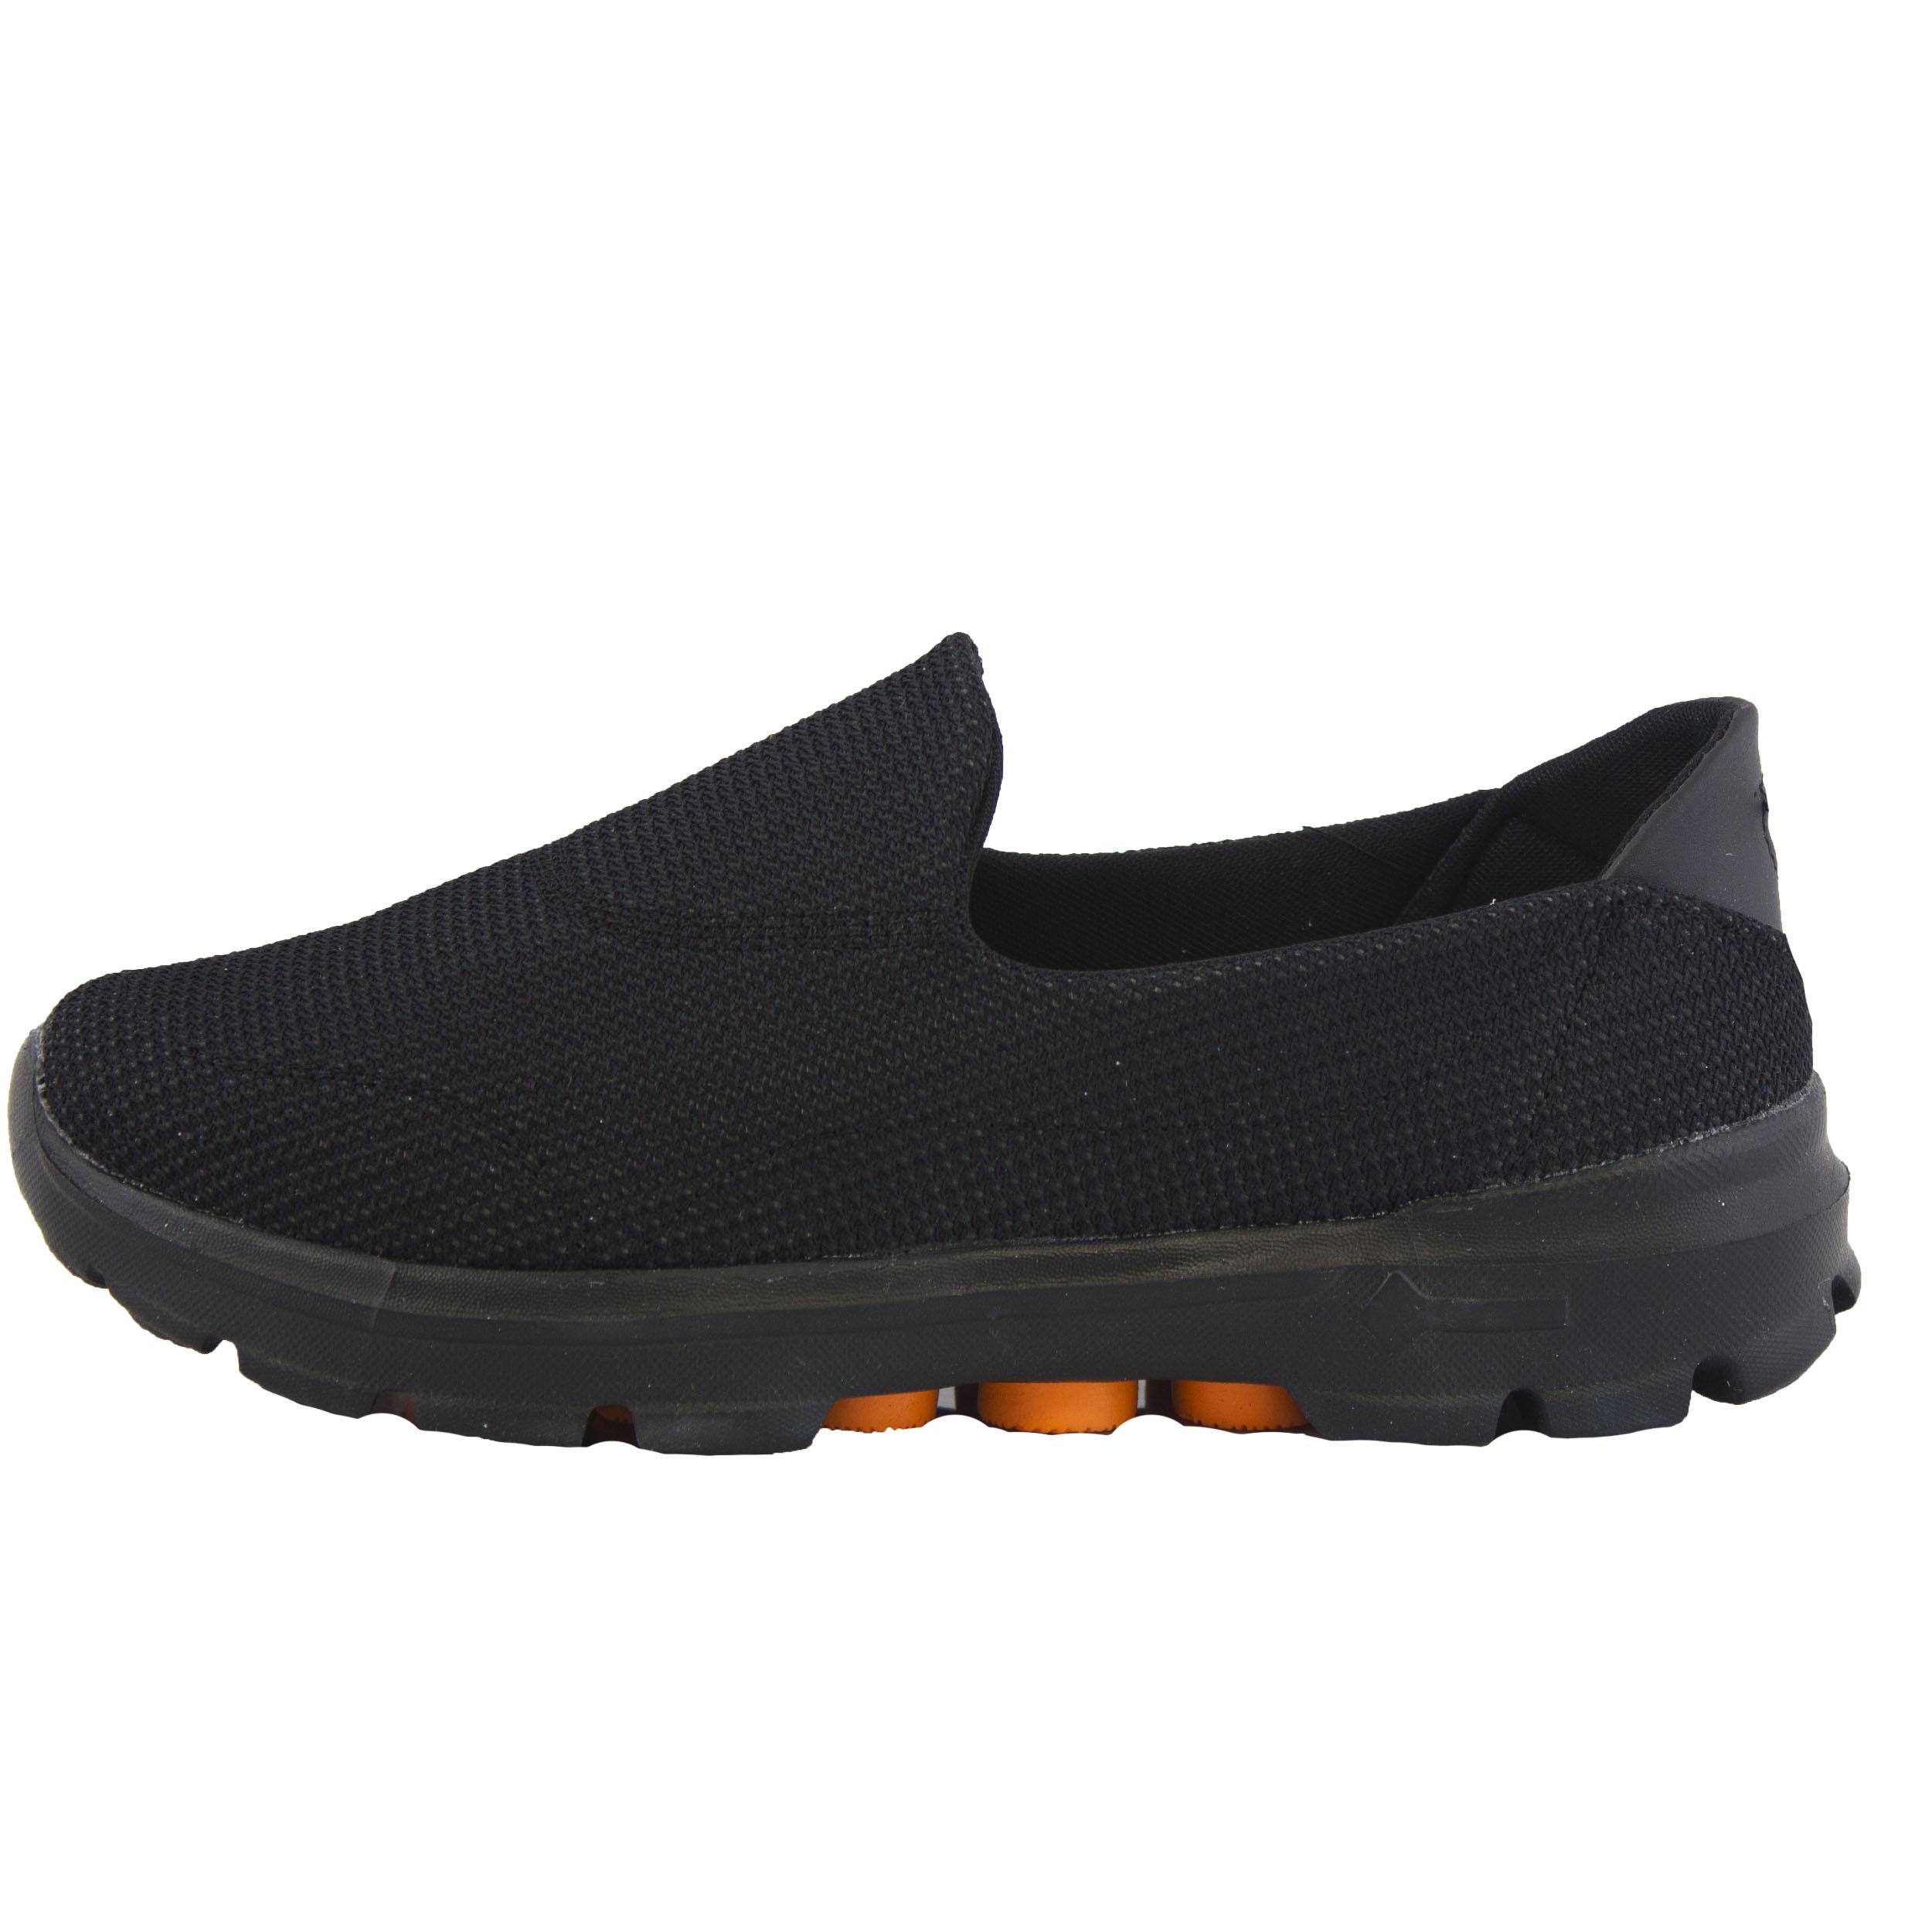 قیمت کفش راحتی مردانه مدل walking5